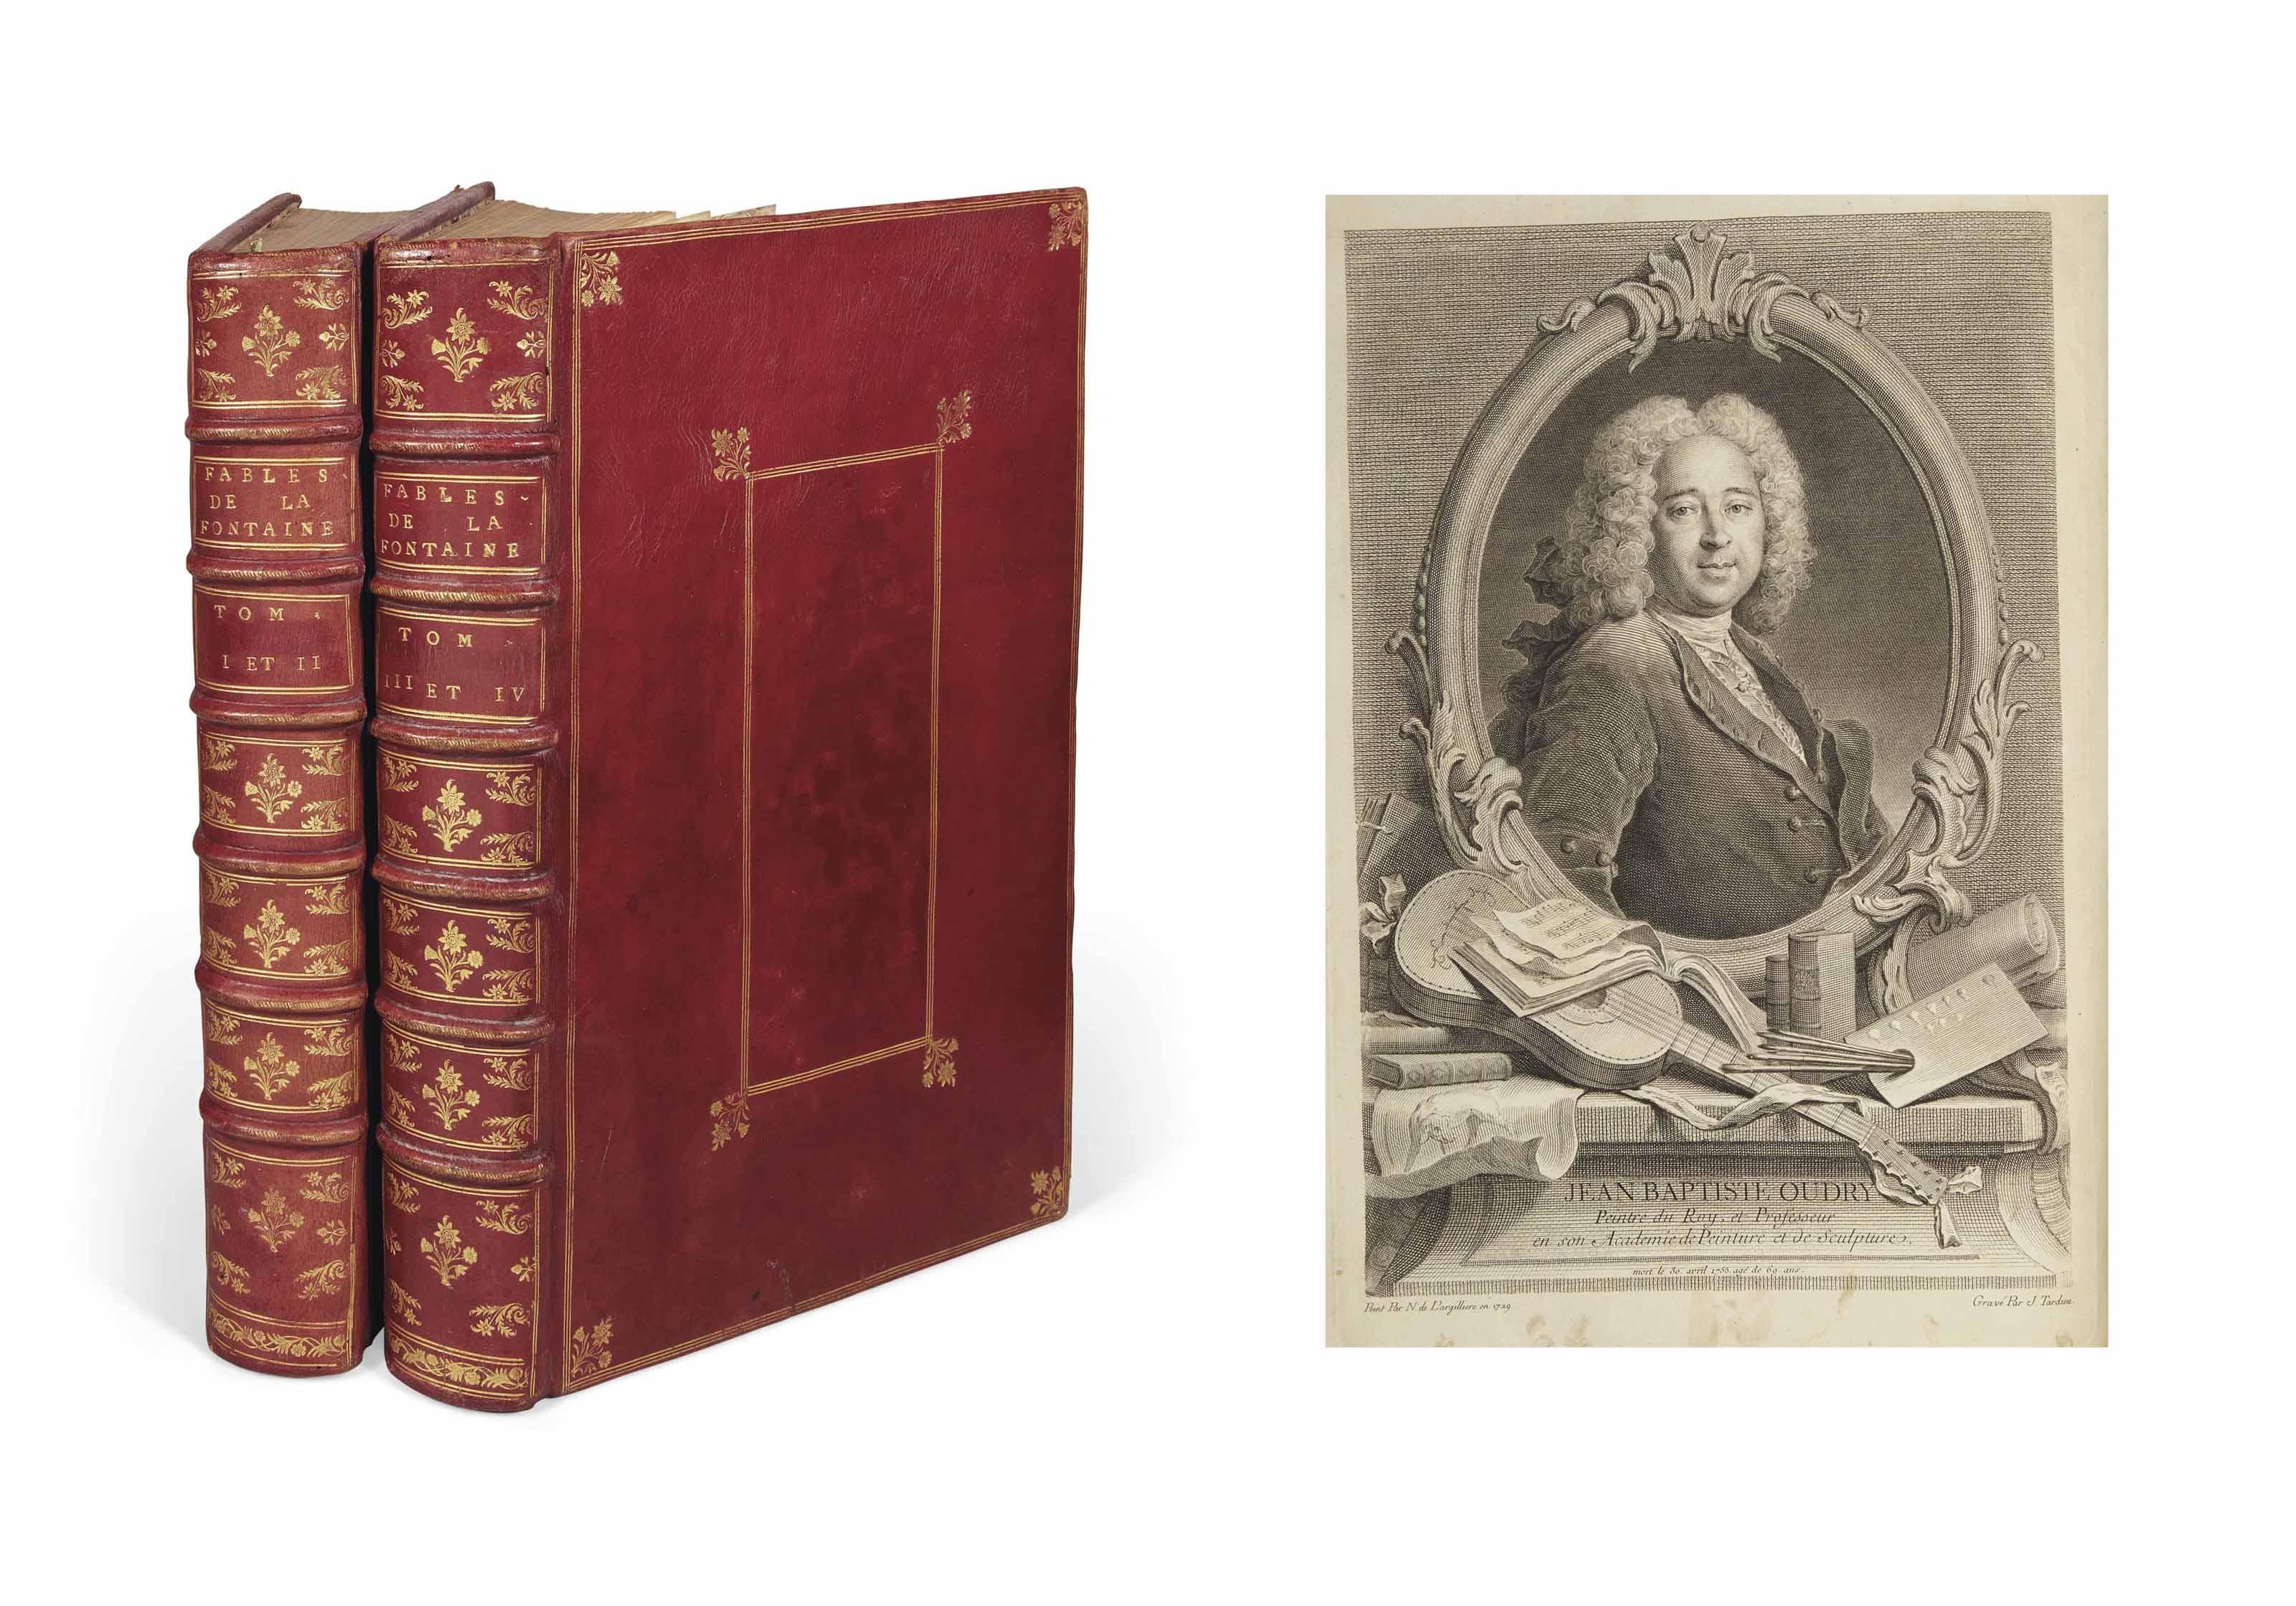 LA FONTAINE, Jean de (1621-1695). Fables choisies, mises en vers. Paris: Charles-Antoine Jombert pour Desaint & Saillant et Durand, 1755-1759.